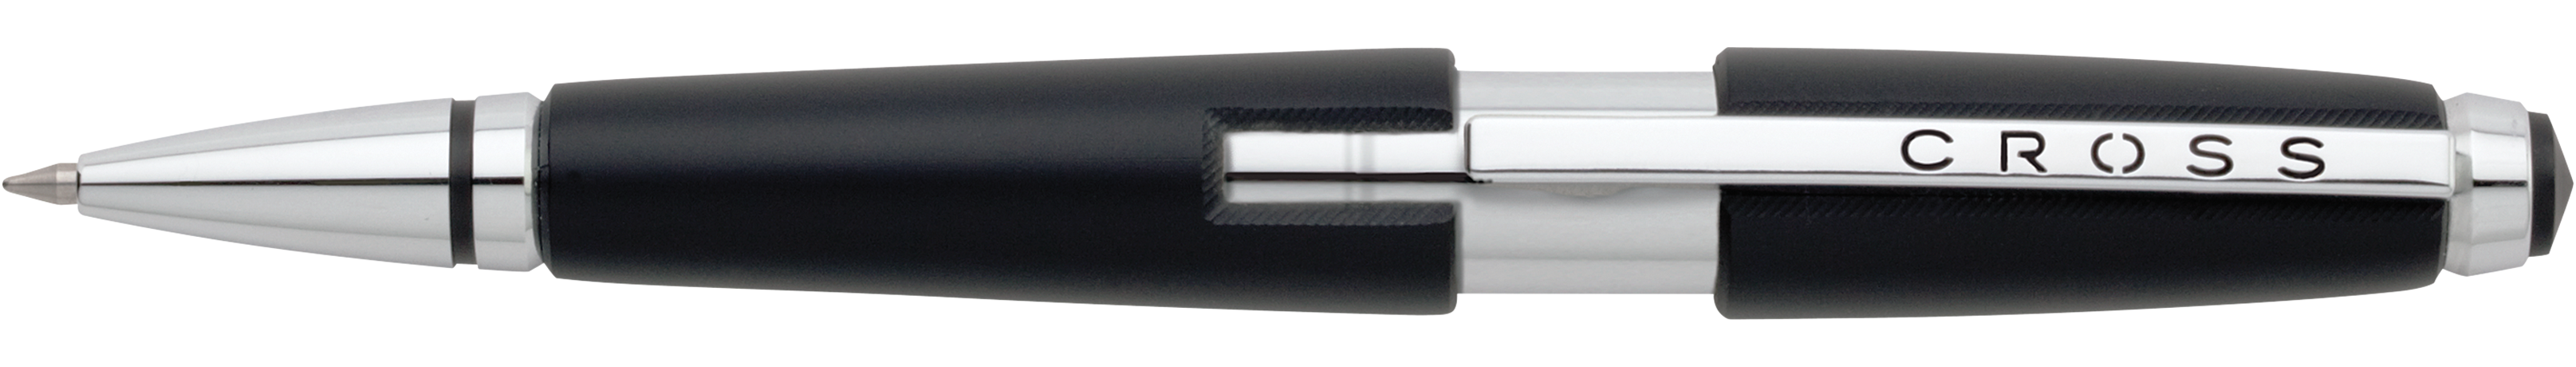 Edge Jet Black Gel Rollerball Pen